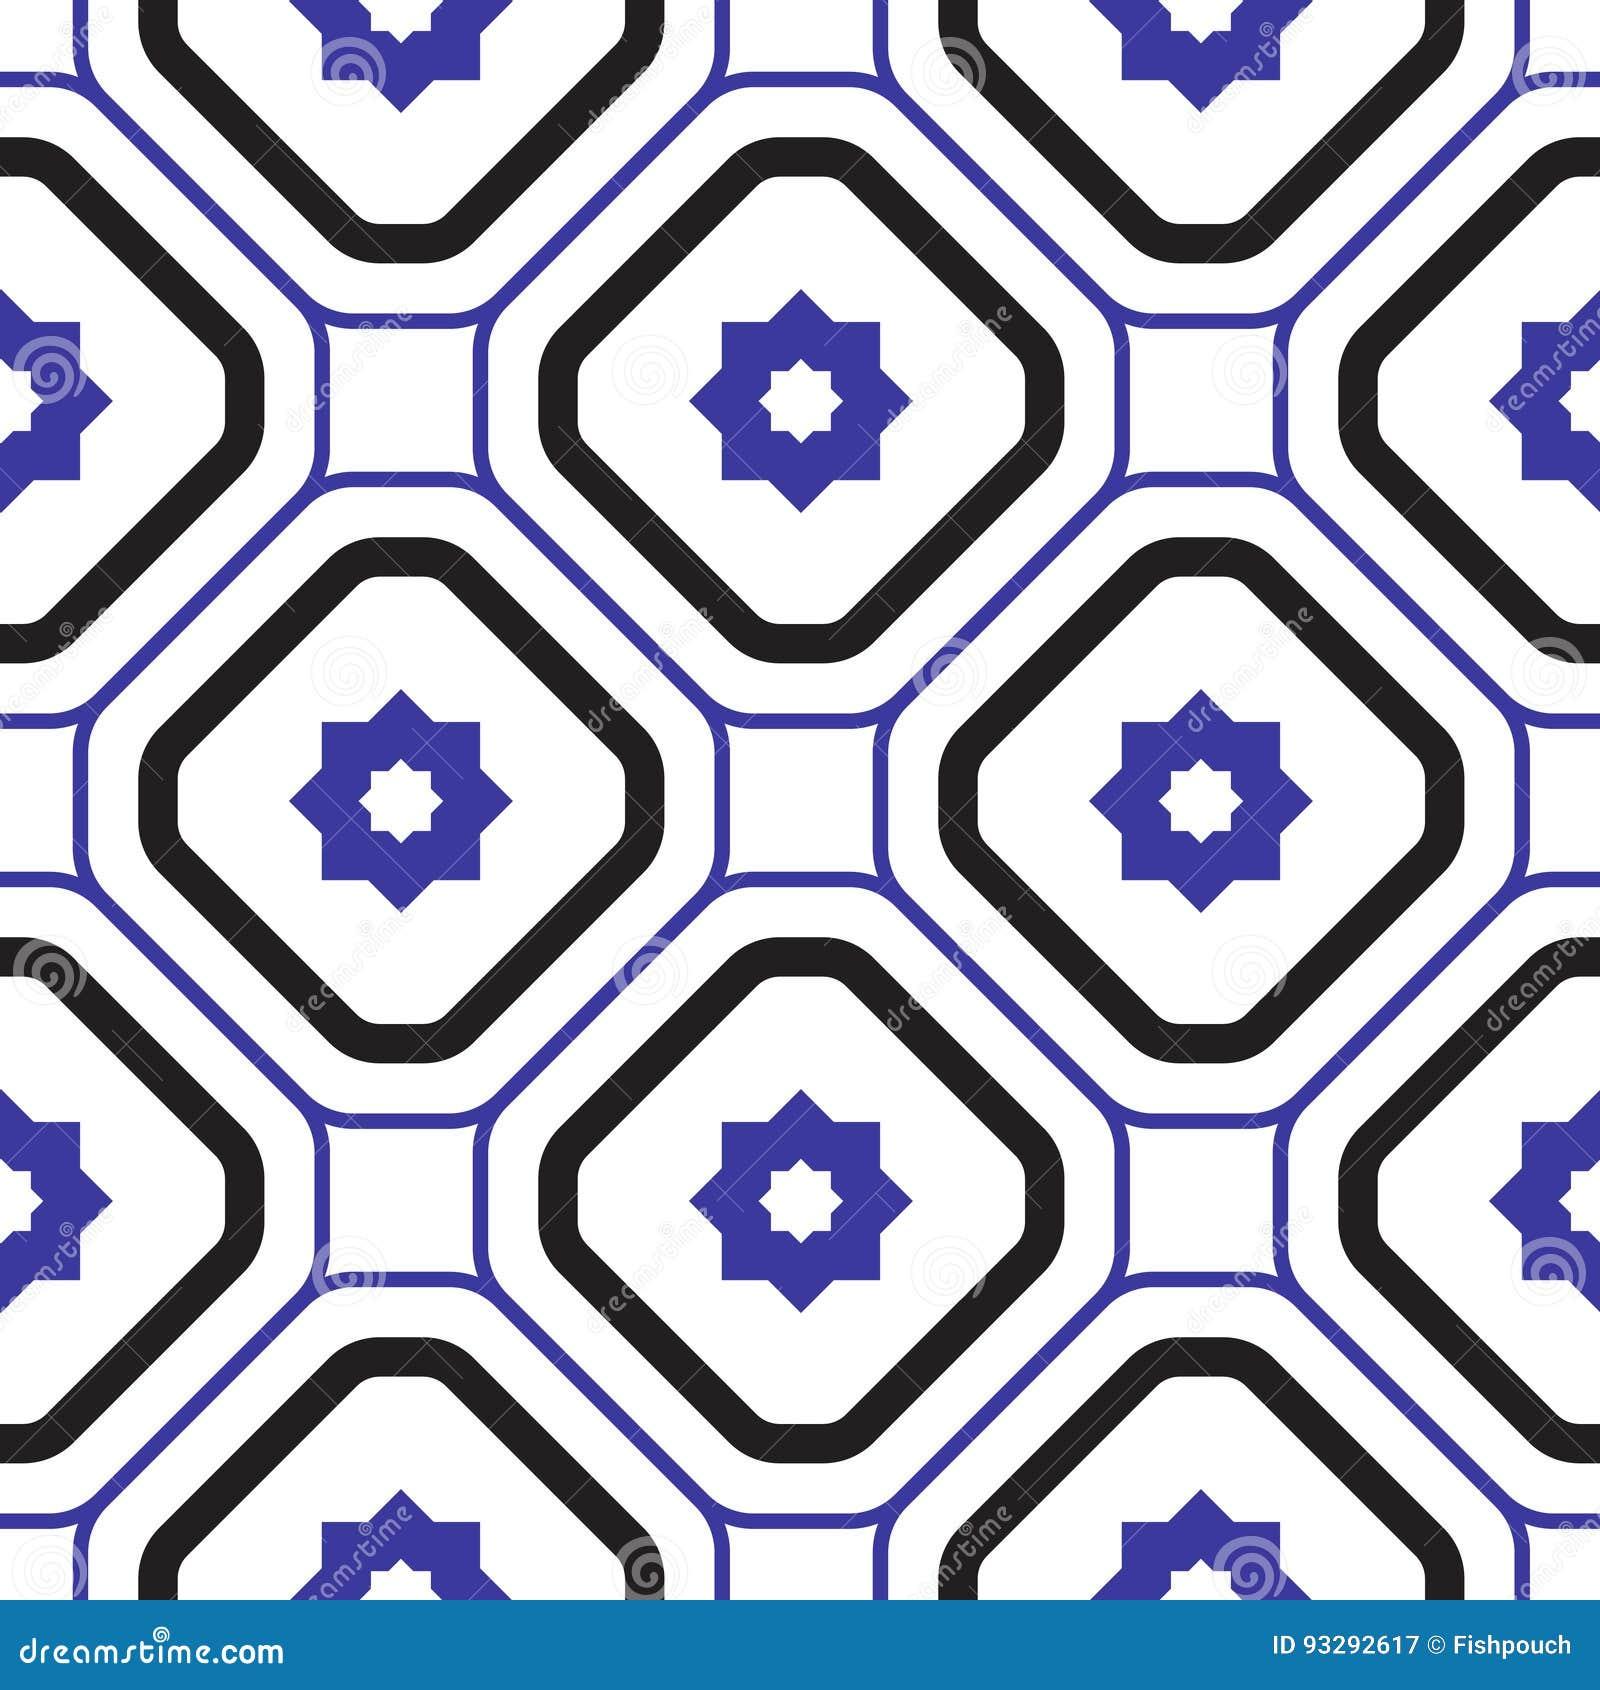 Het geometrische mediterrane blauwe en witte patroon van de ruit naadloze tegel